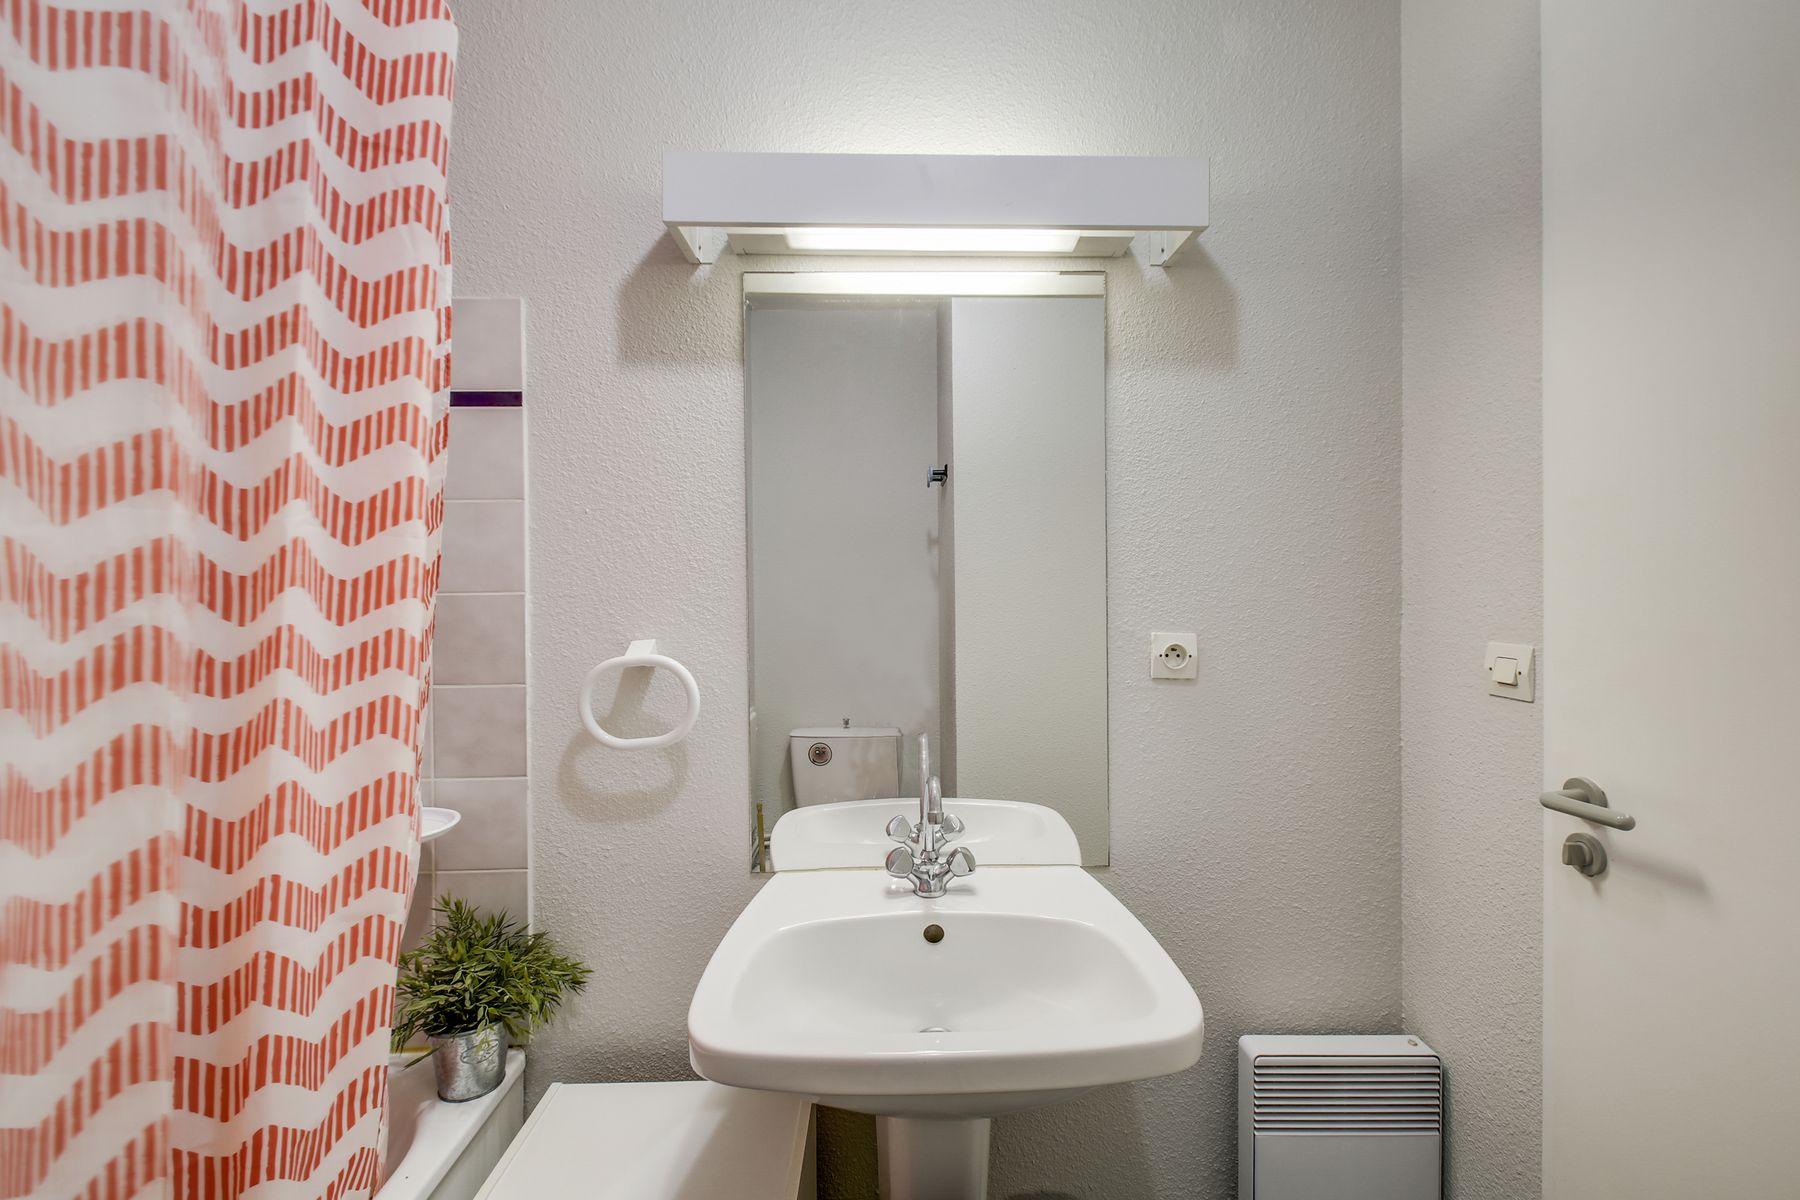 baignoire lavabo miroir résidence LOGIFAC Charcot